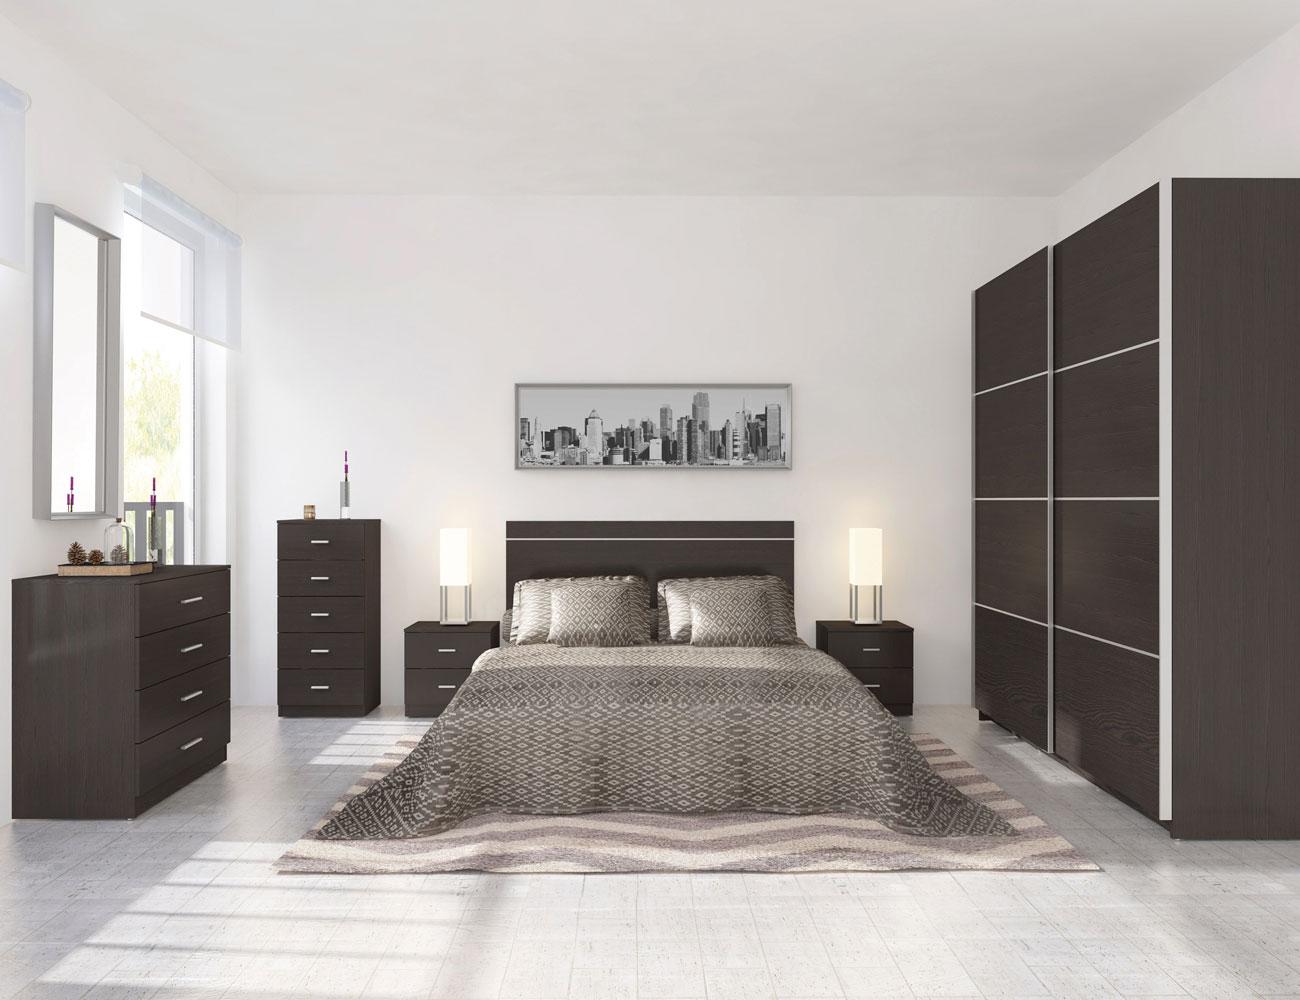 Dormitorio wengue mesita cabecero 701 2